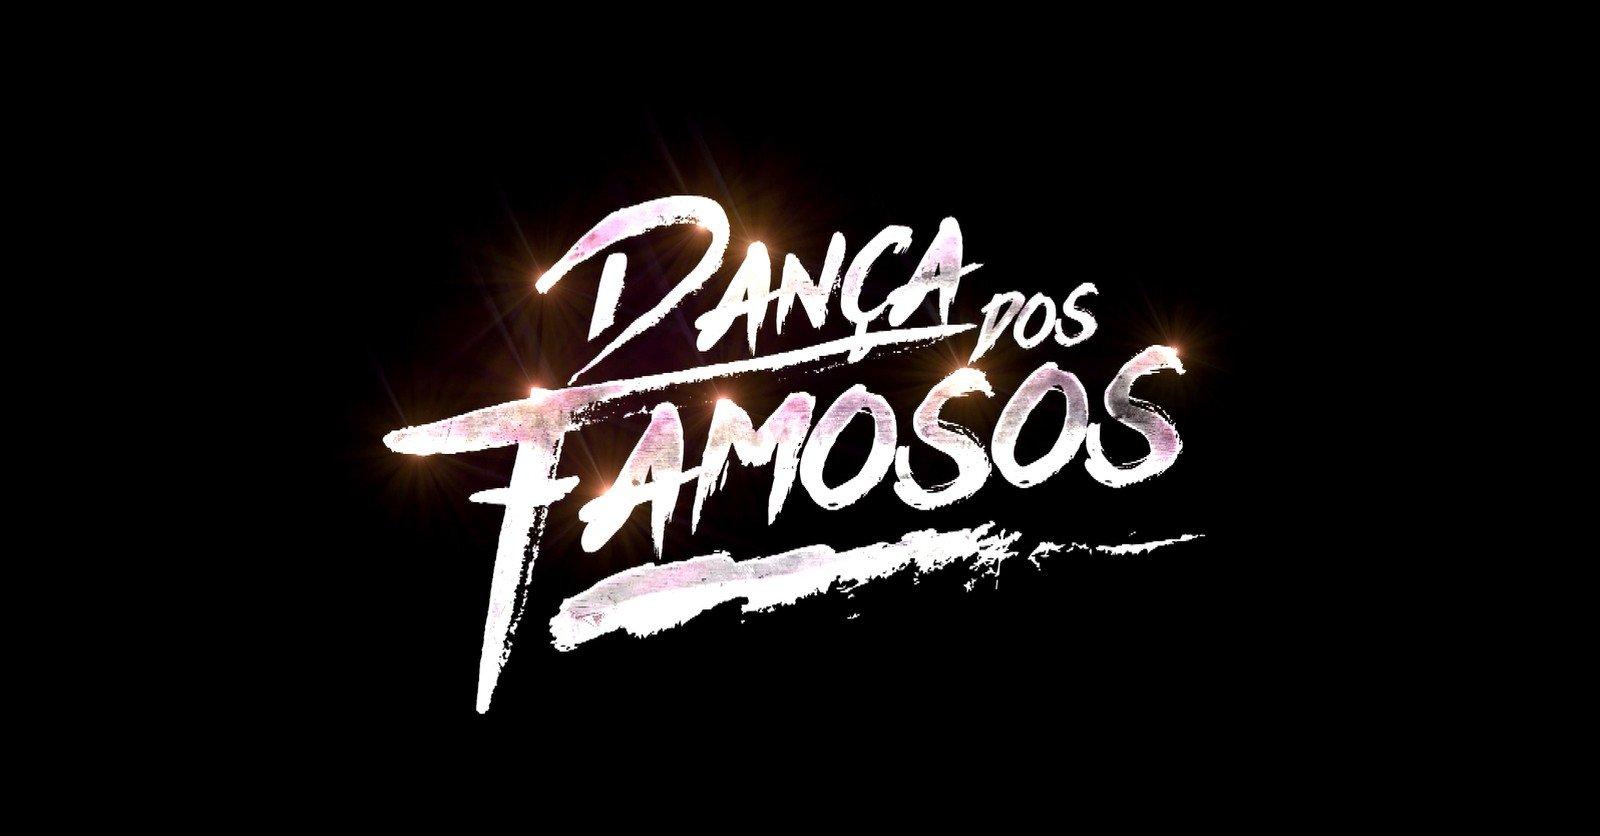 famosos.jpg?resize=412,232 - Confira as estrelas que farão parte do elenco da Dança dos Famosos 2018